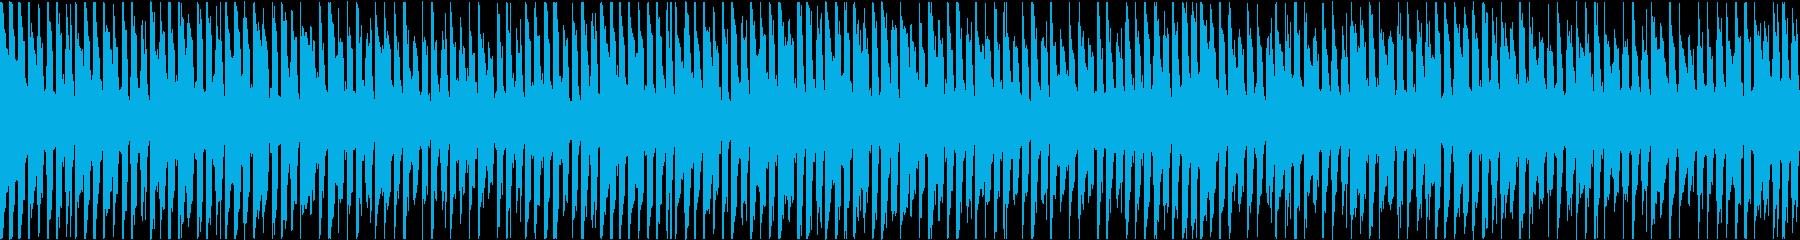 感動的なアコースティックポップ・ループの再生済みの波形